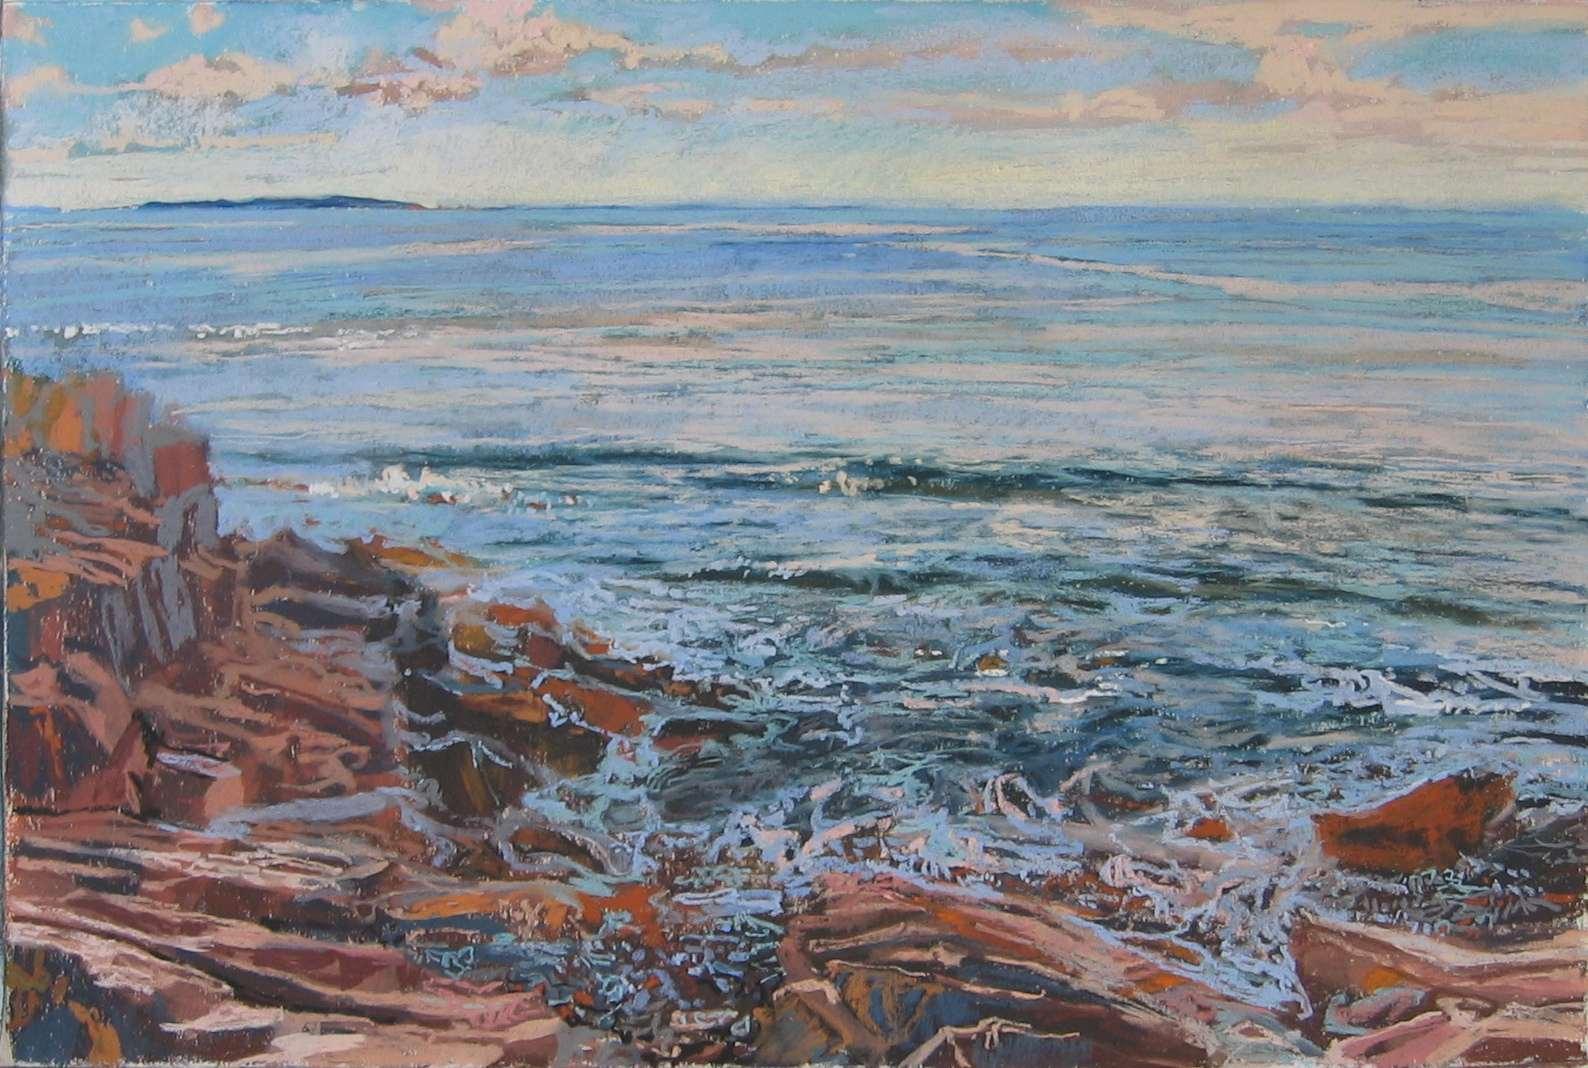 Eastern Beach by  Daud Akhriev - Masterpiece Online